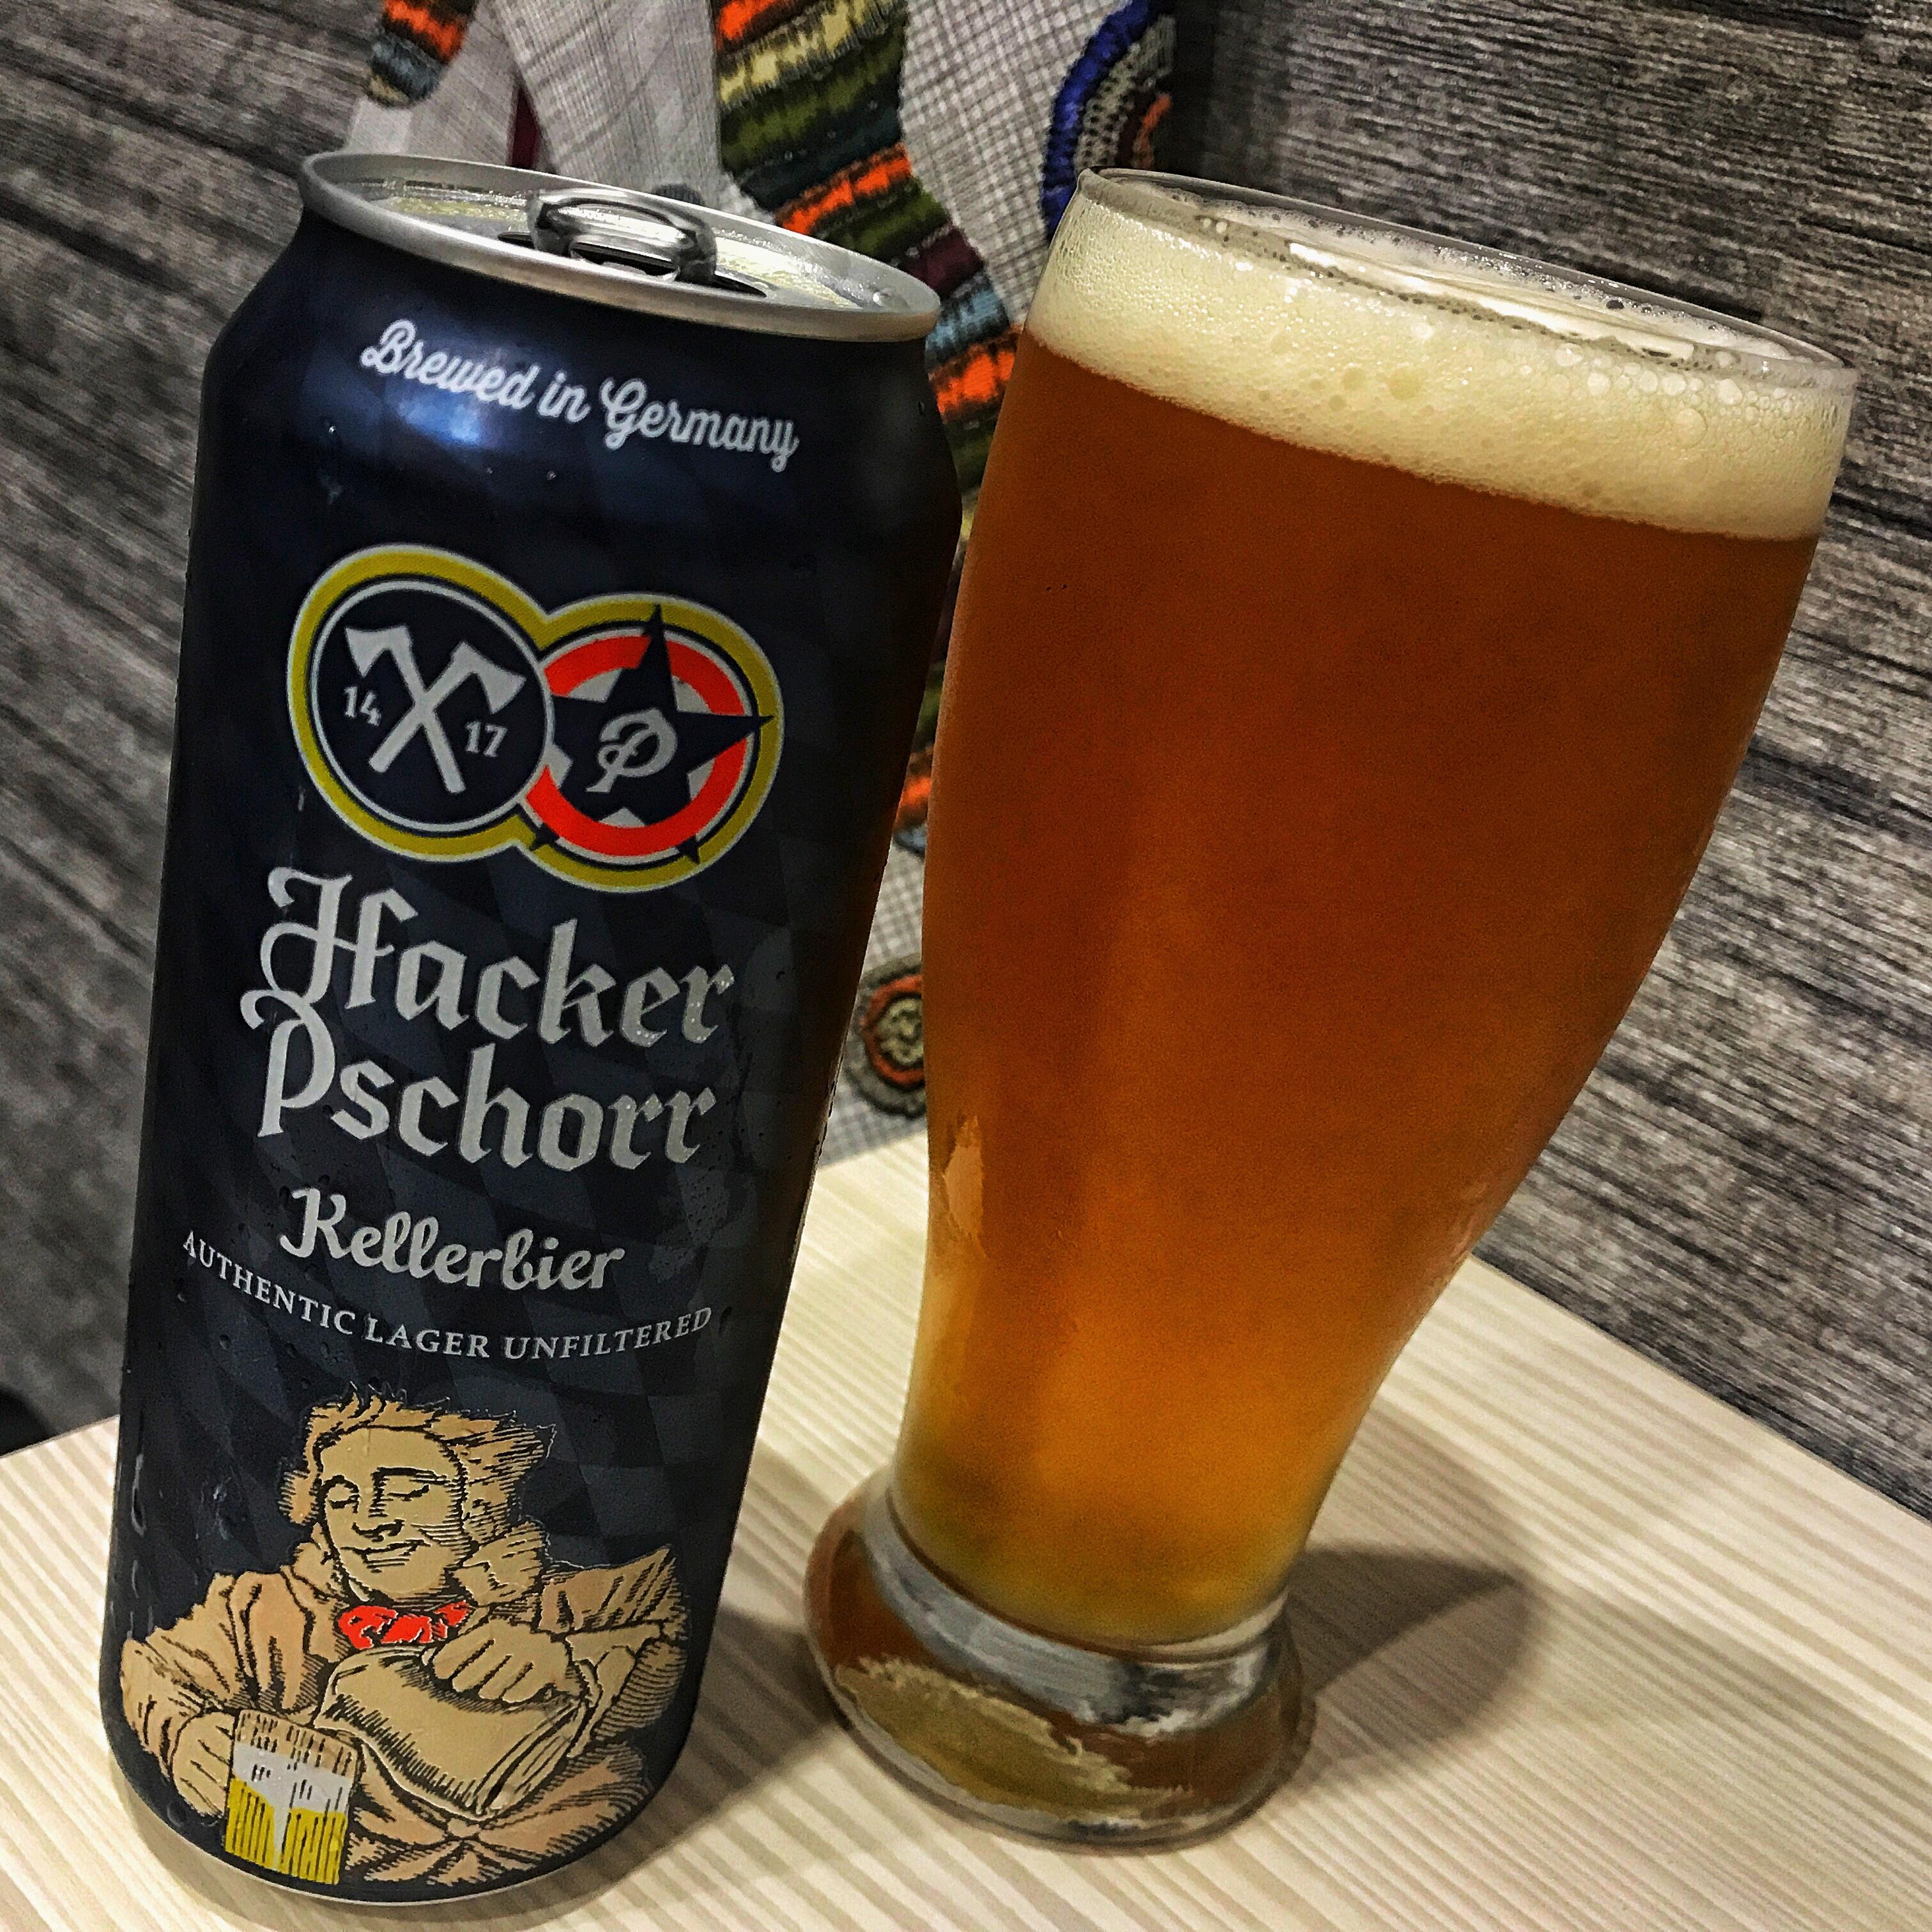 Hacker-Pschorr Kellerbier. [Обзор пива].